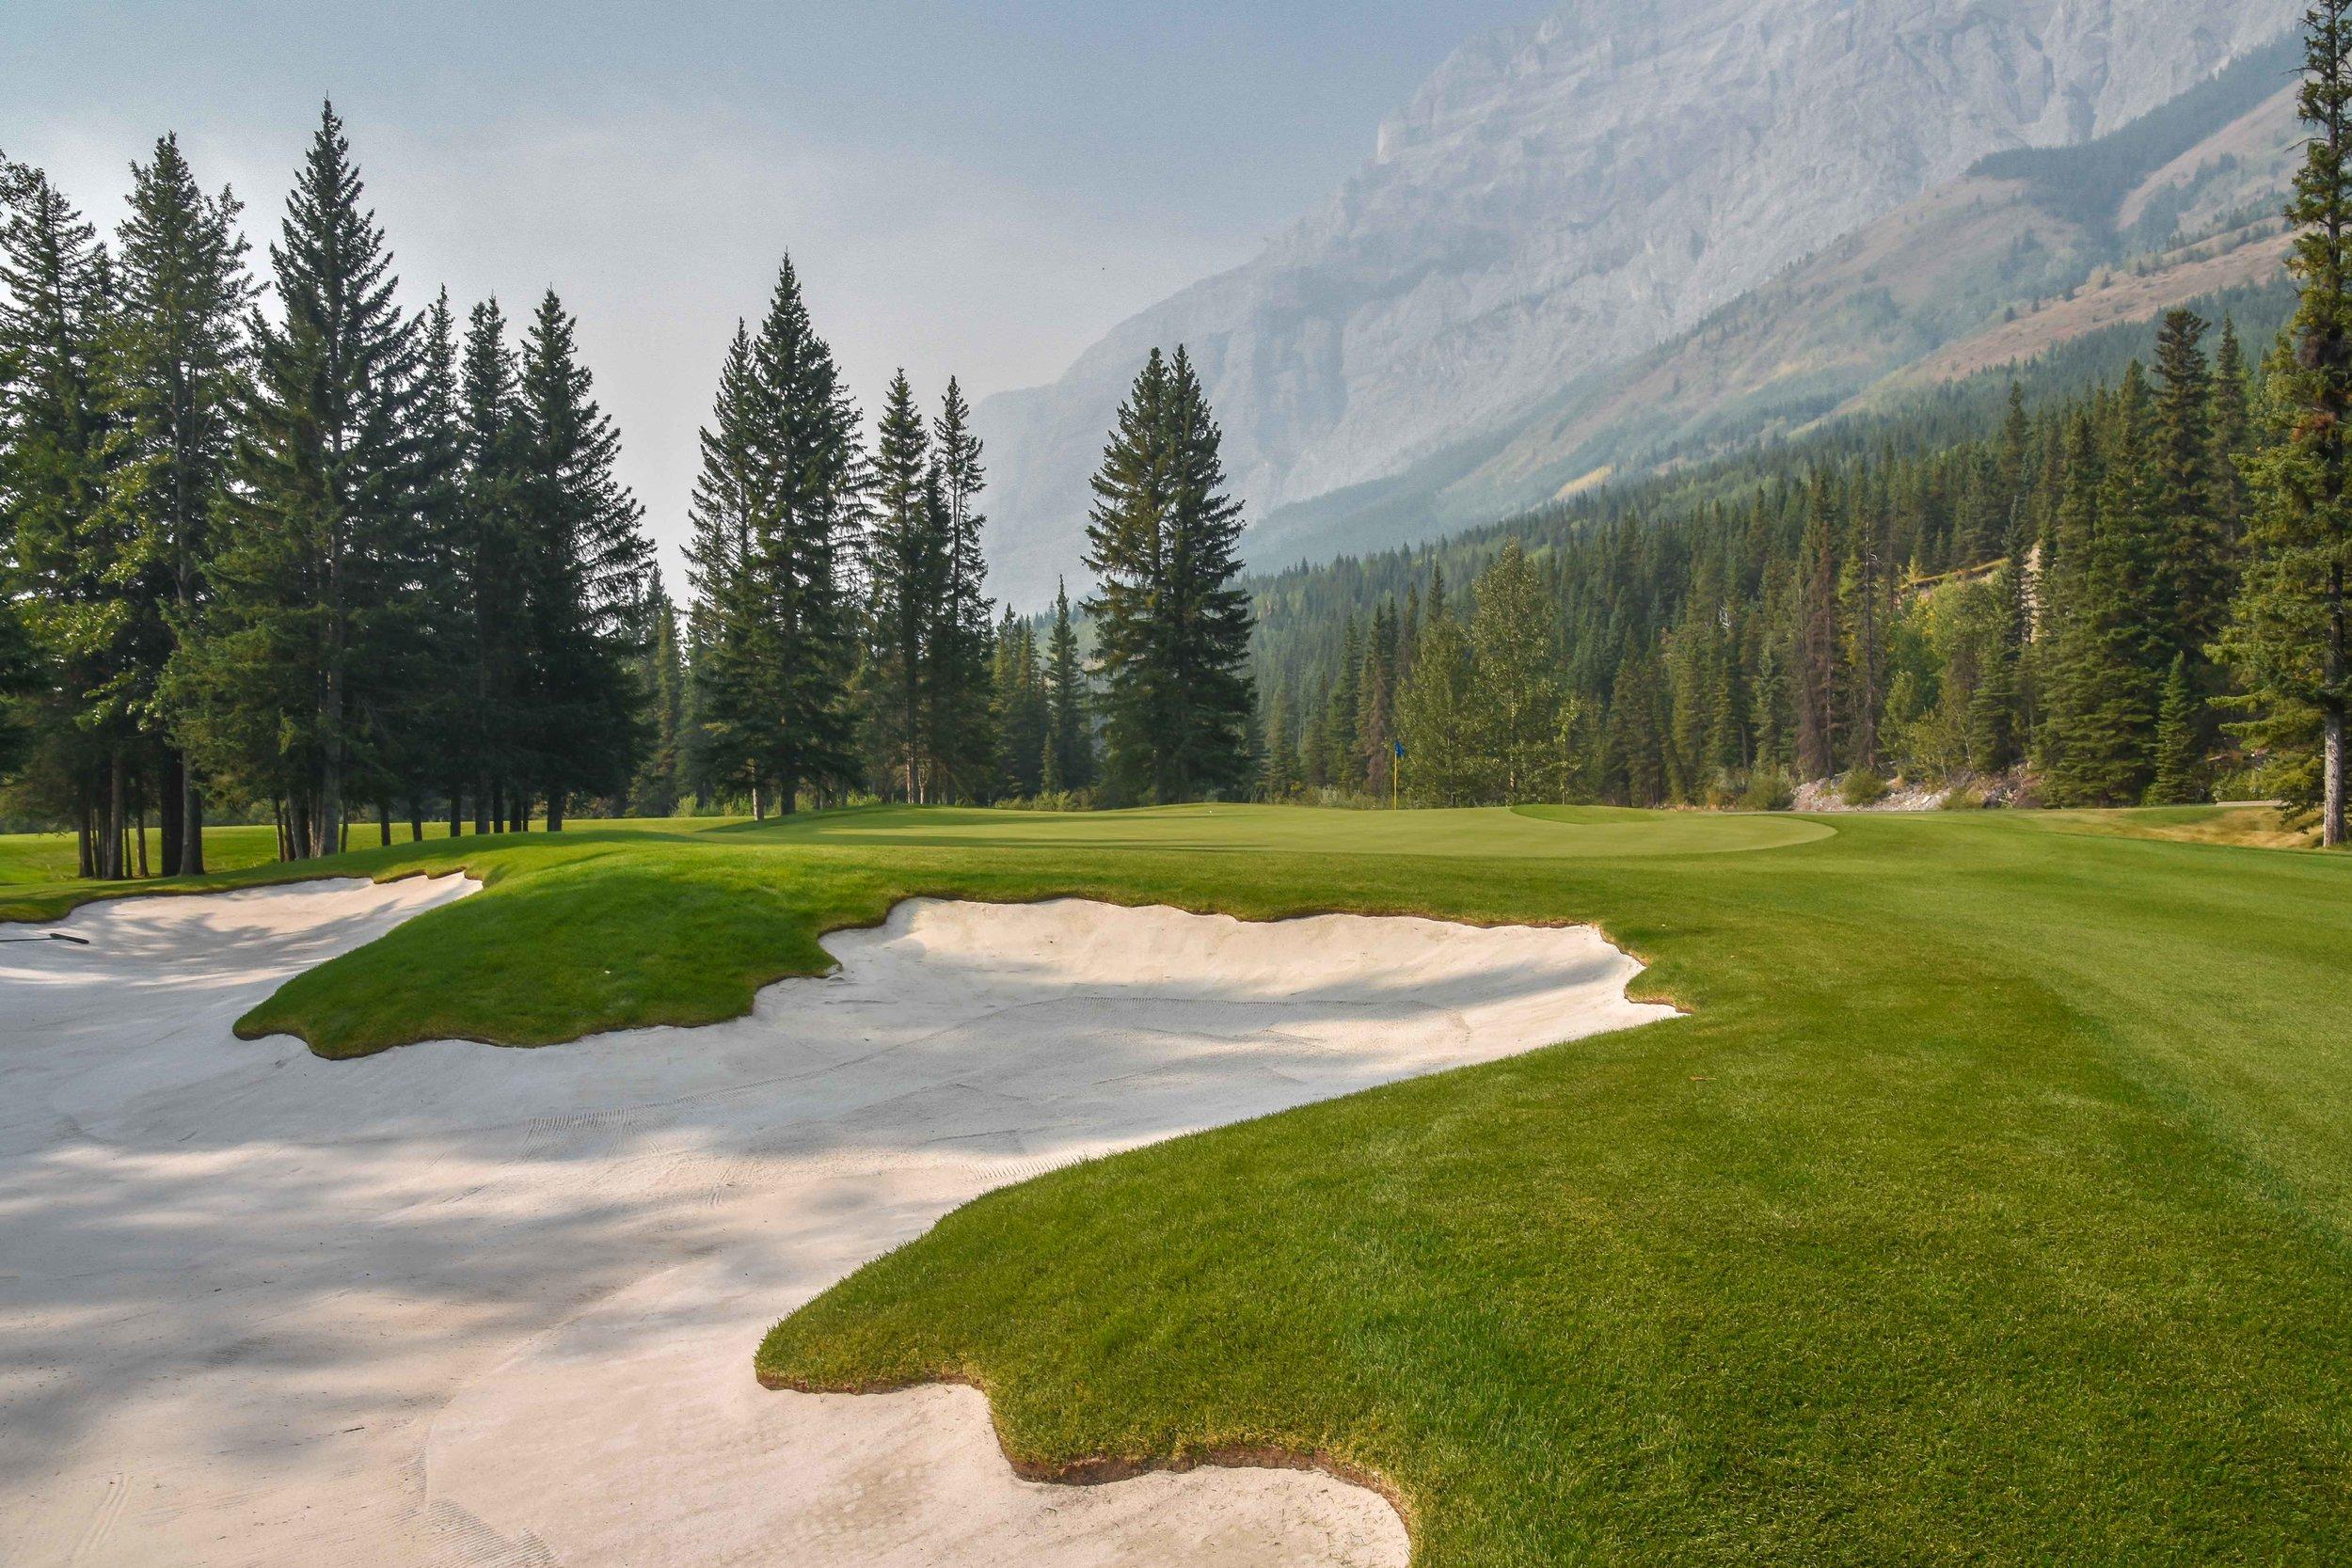 Kanananskis Golf1-51.jpg